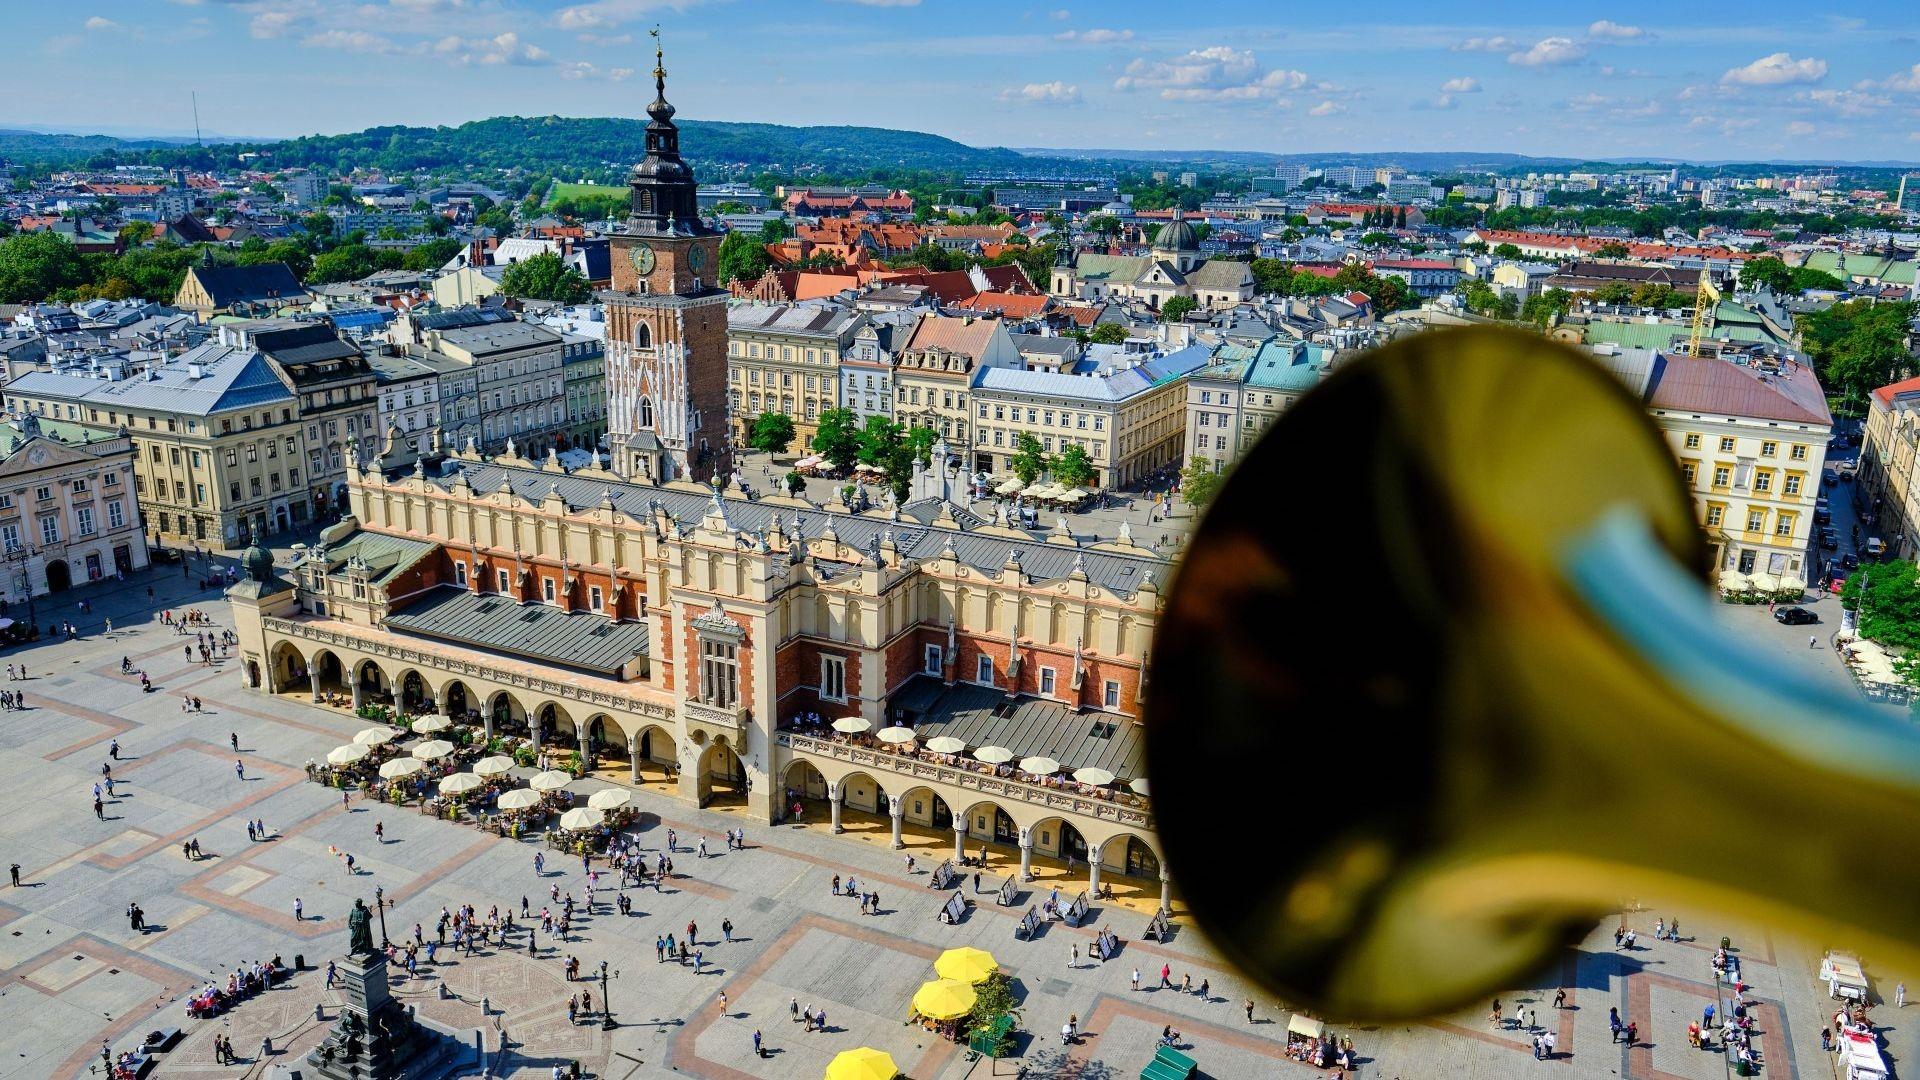 7_Kraków-panorama_MH_HD-fotopolska-pot-pl (1) (1920 x 1280)